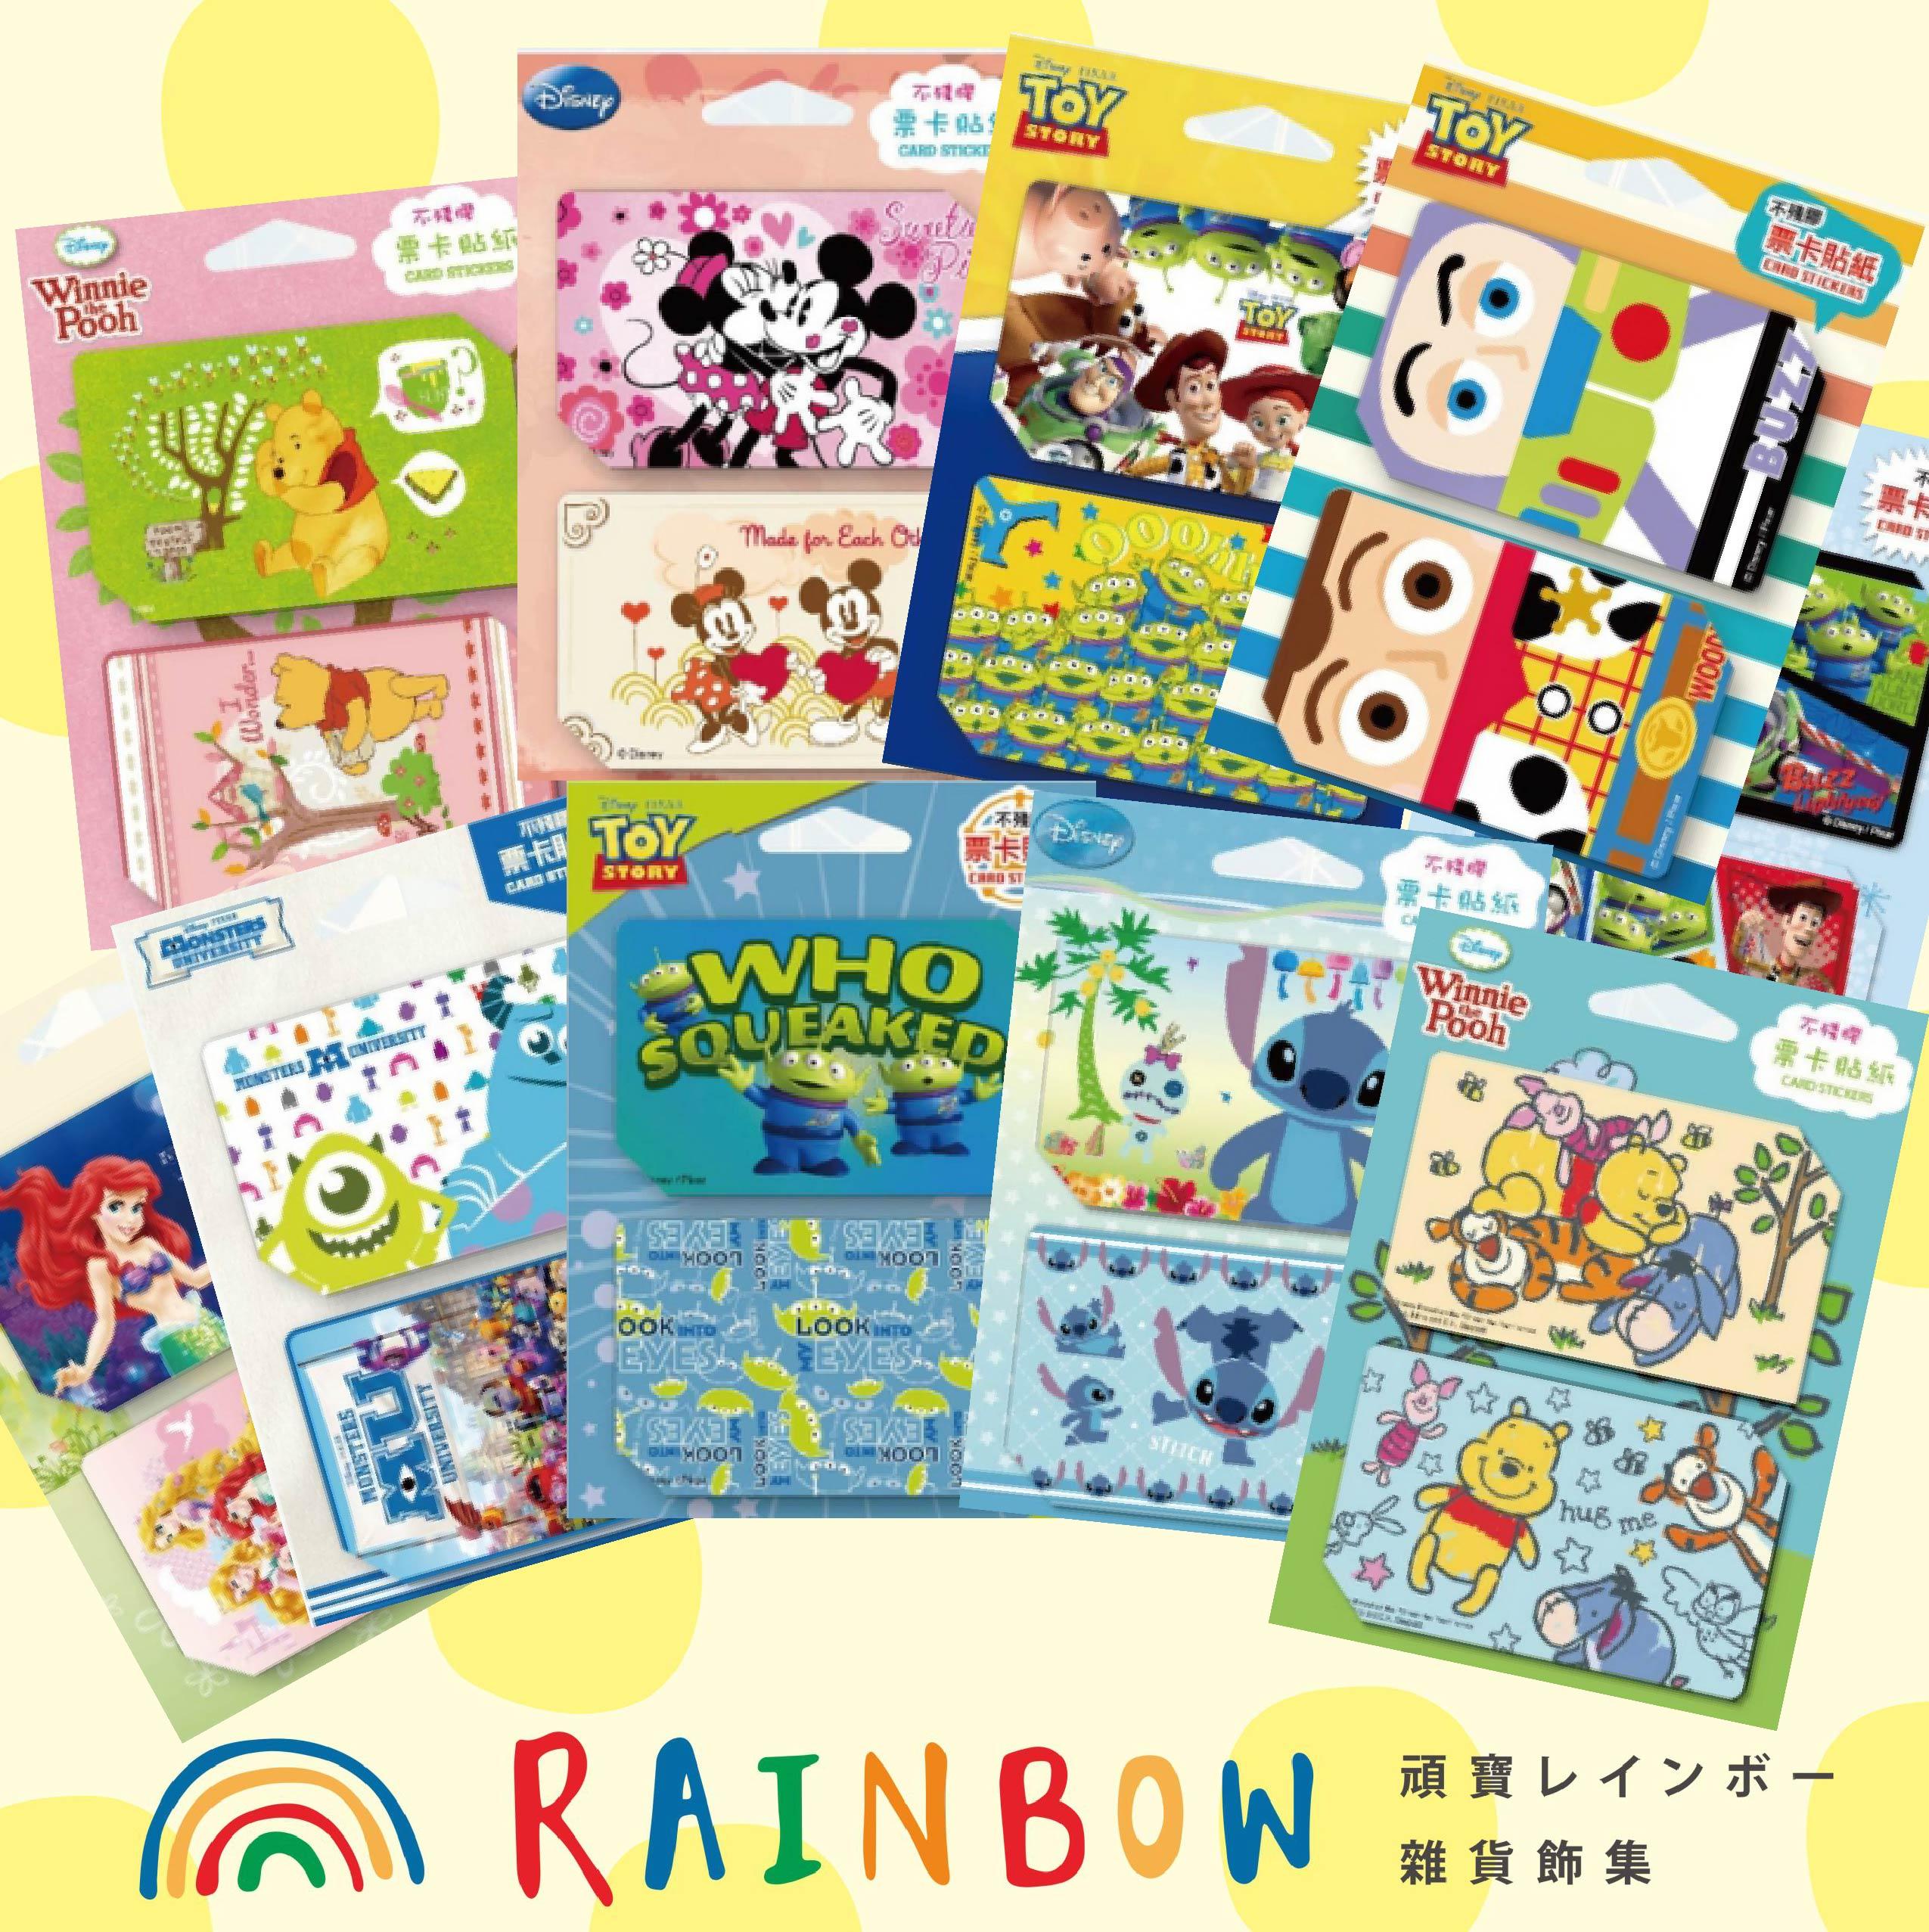 頑寶Rainbow * 迪士尼票卡貼紙 -悠遊卡 一卡通 米奇米妮史迪奇奇奇蒂蒂